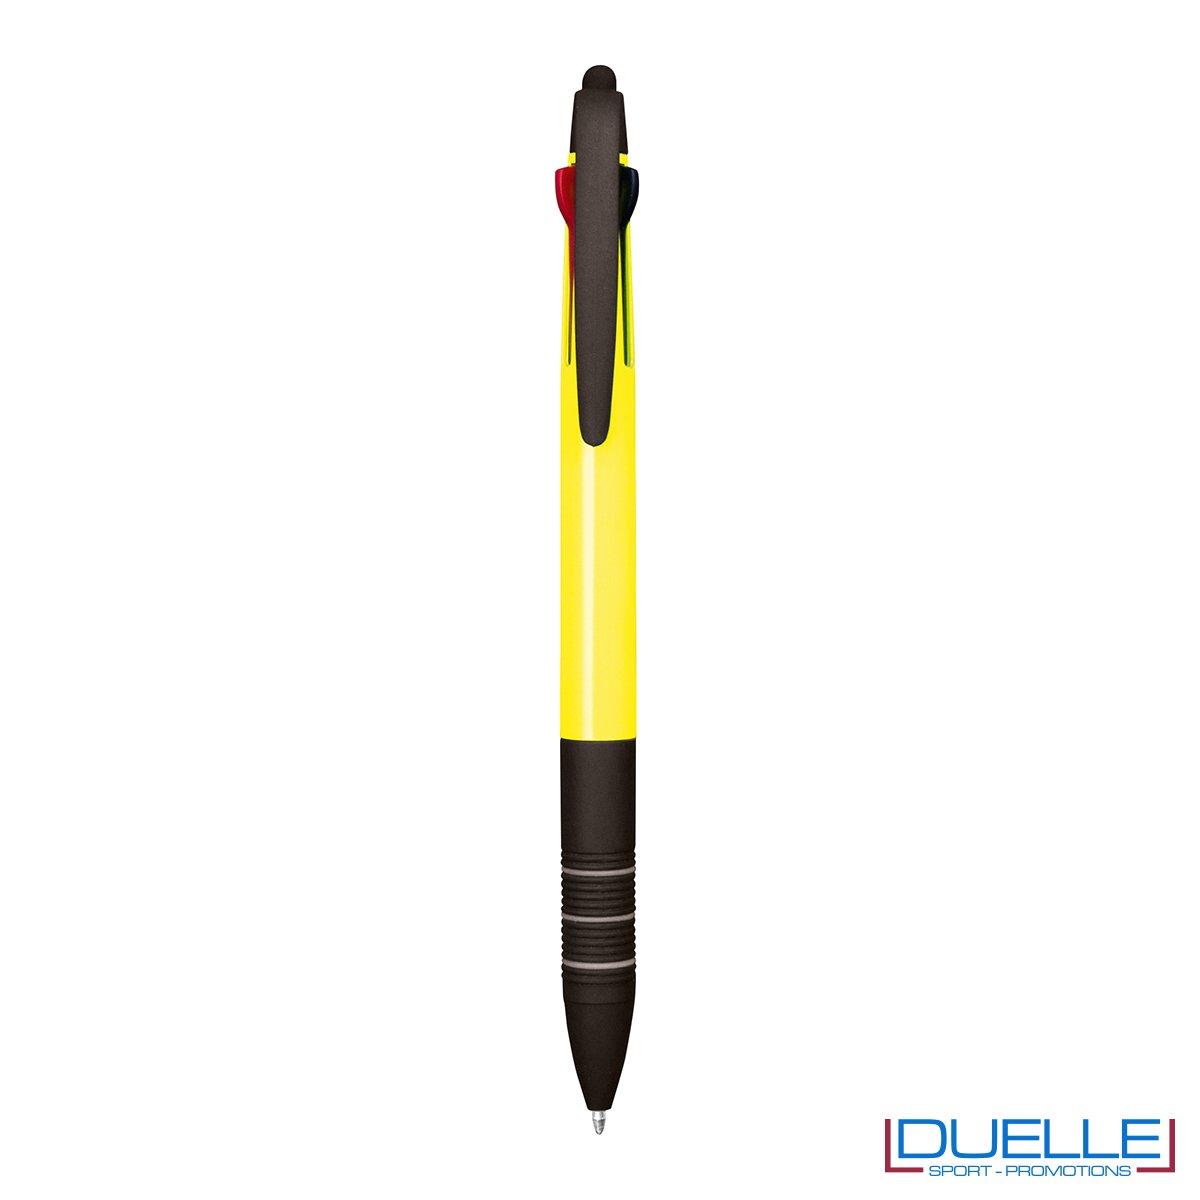 Penna personalizzata fluo touch screen colore giallo